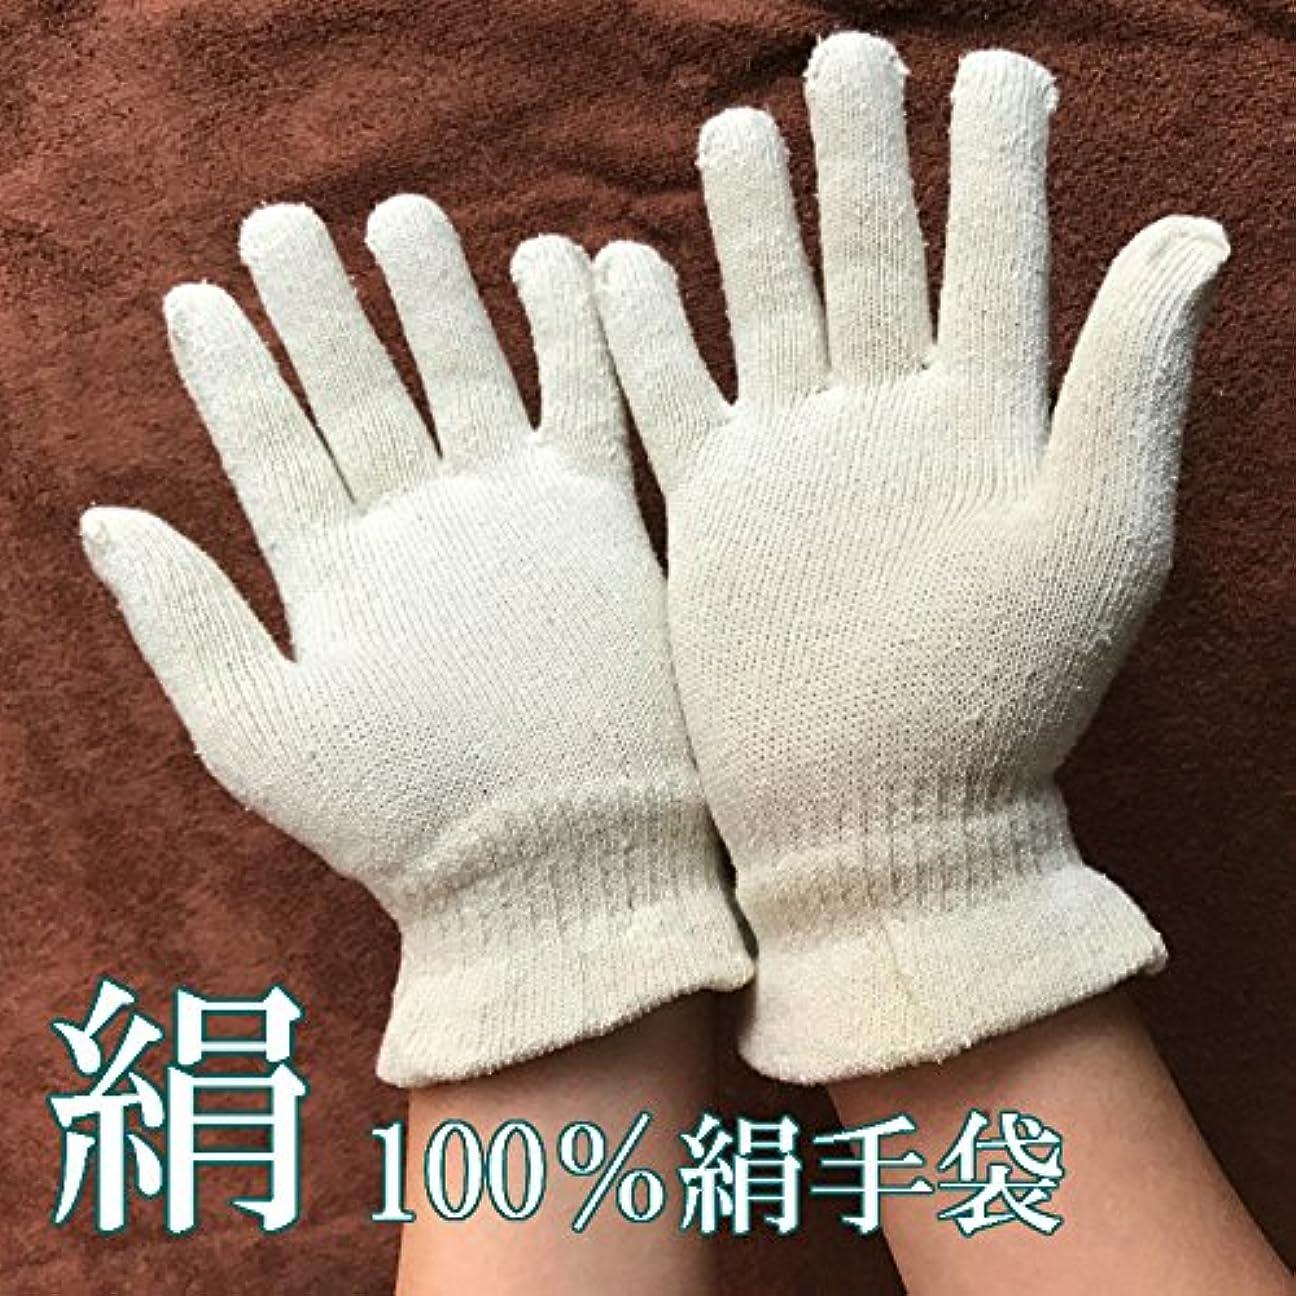 ラボ同化する食物絹手袋 シルク手袋 ガルシャナ アーユルヴェーダ